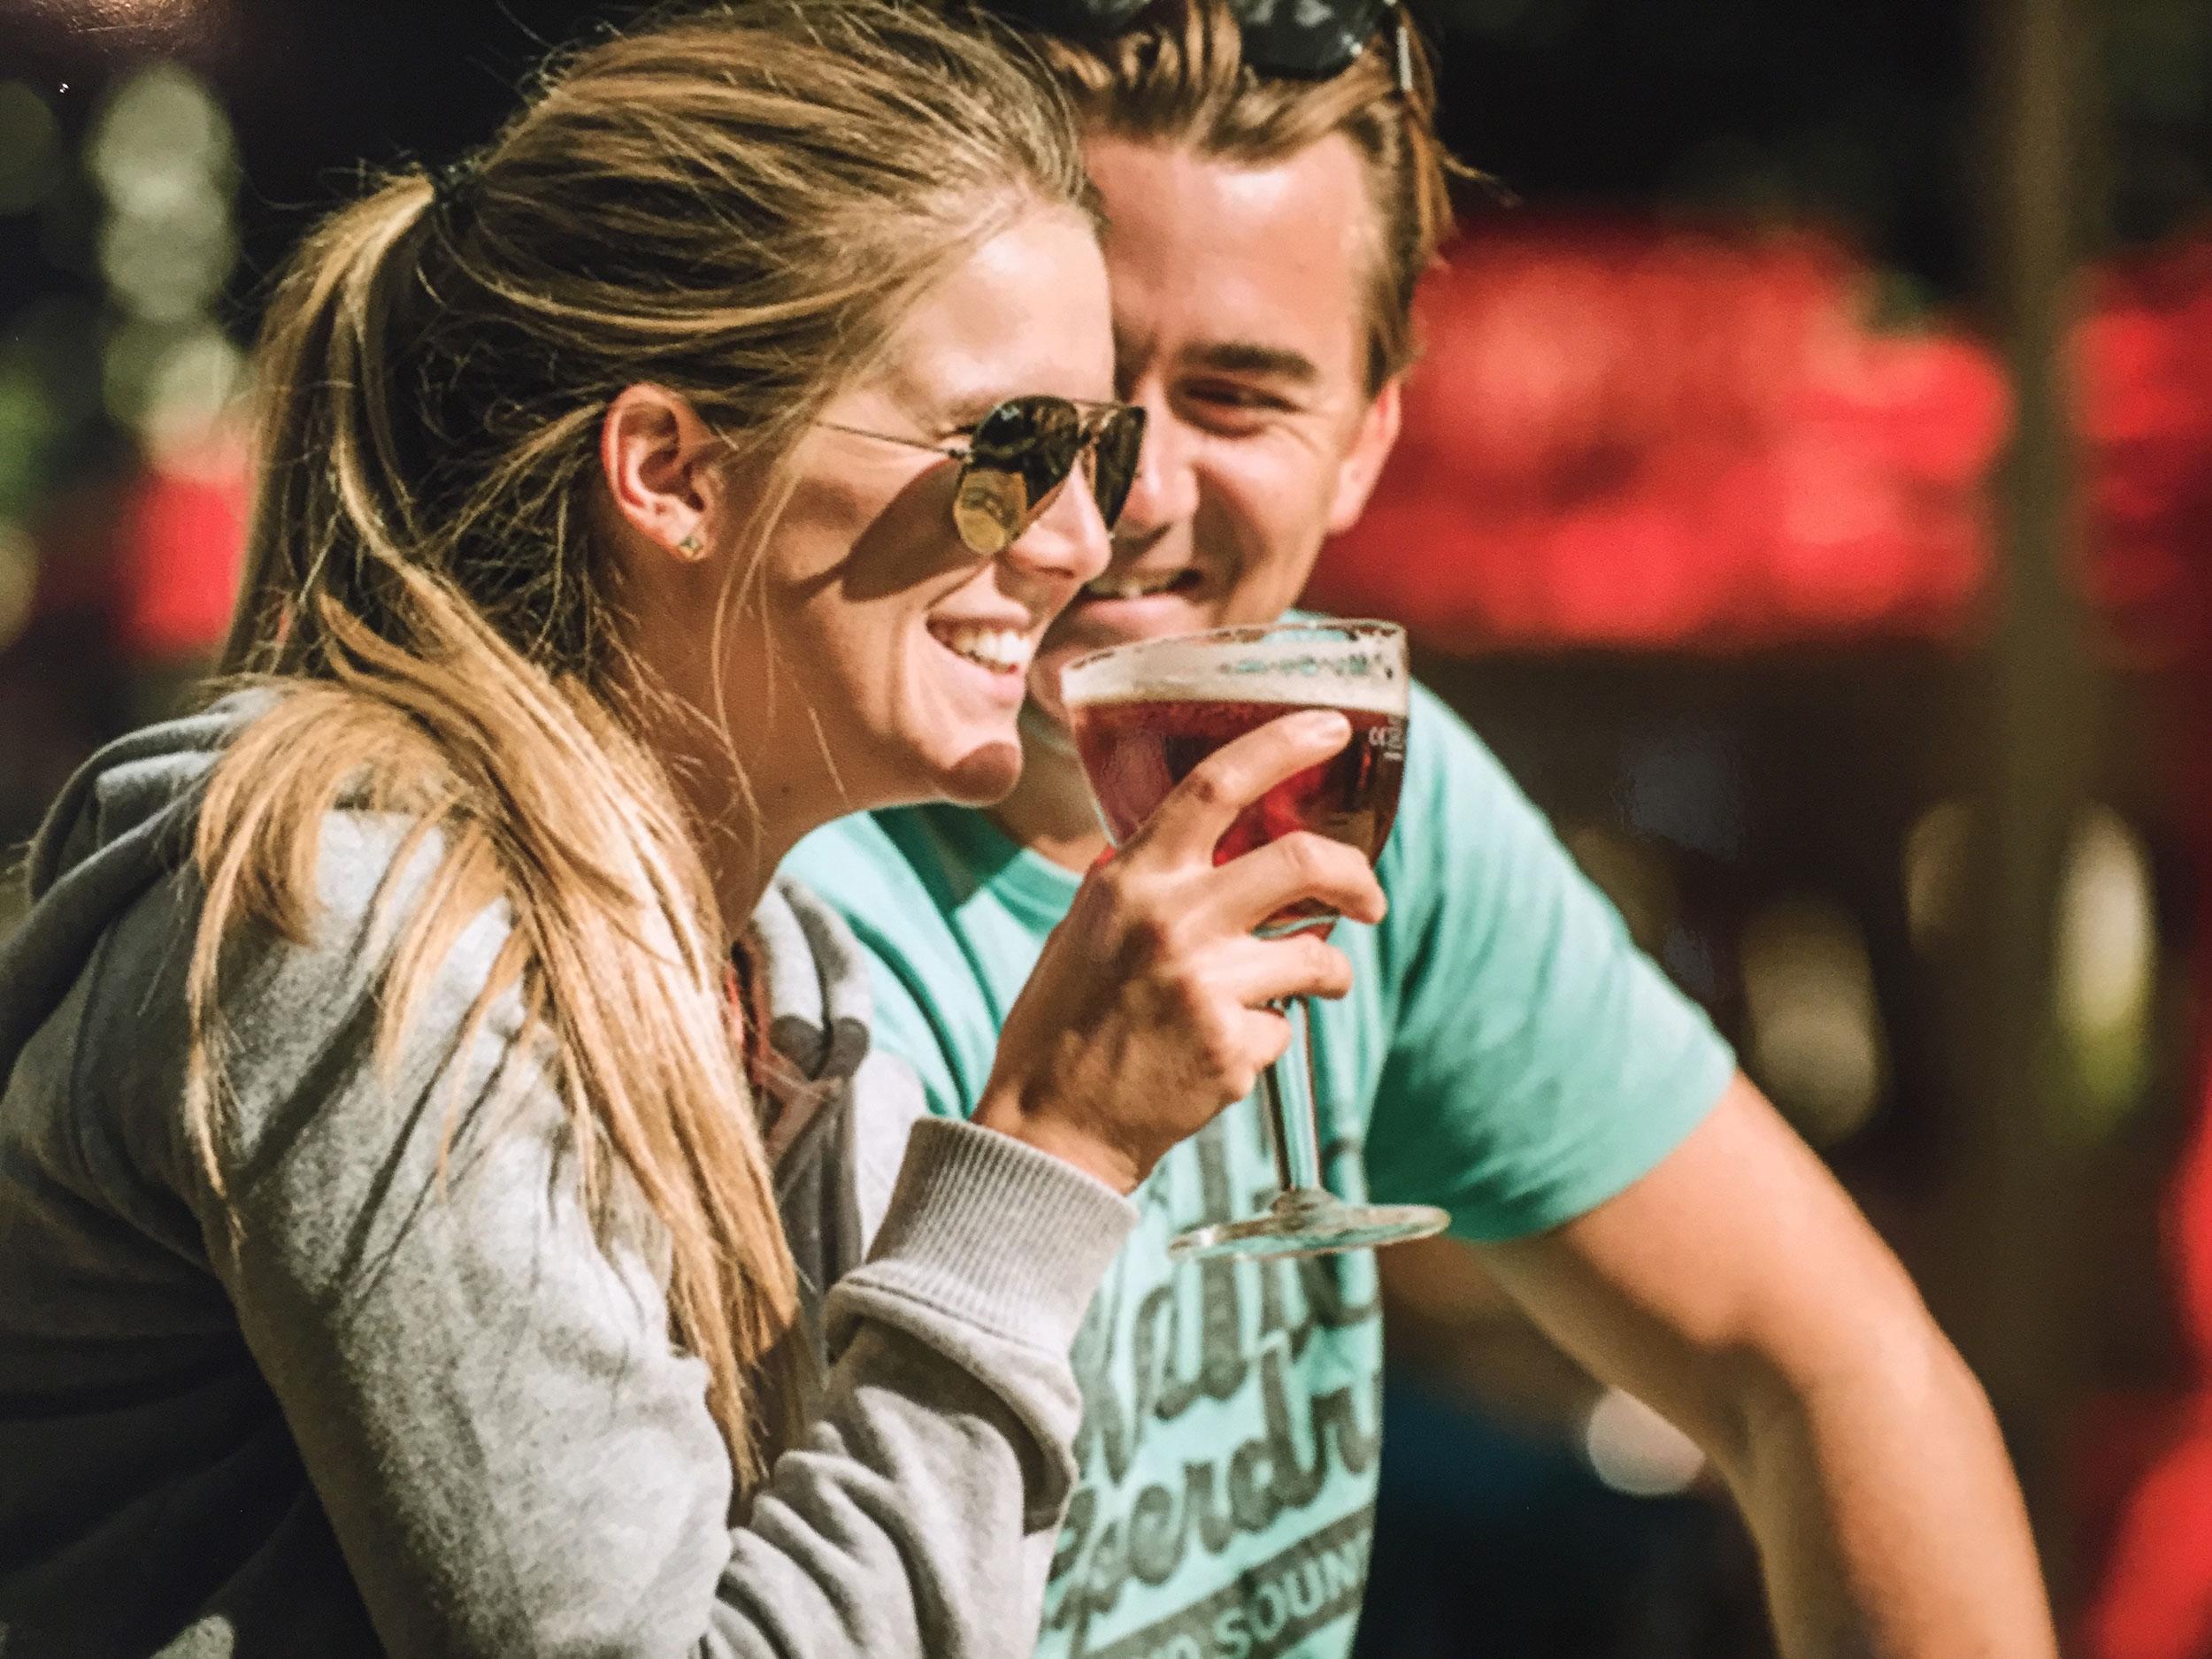 Couple in Belgium